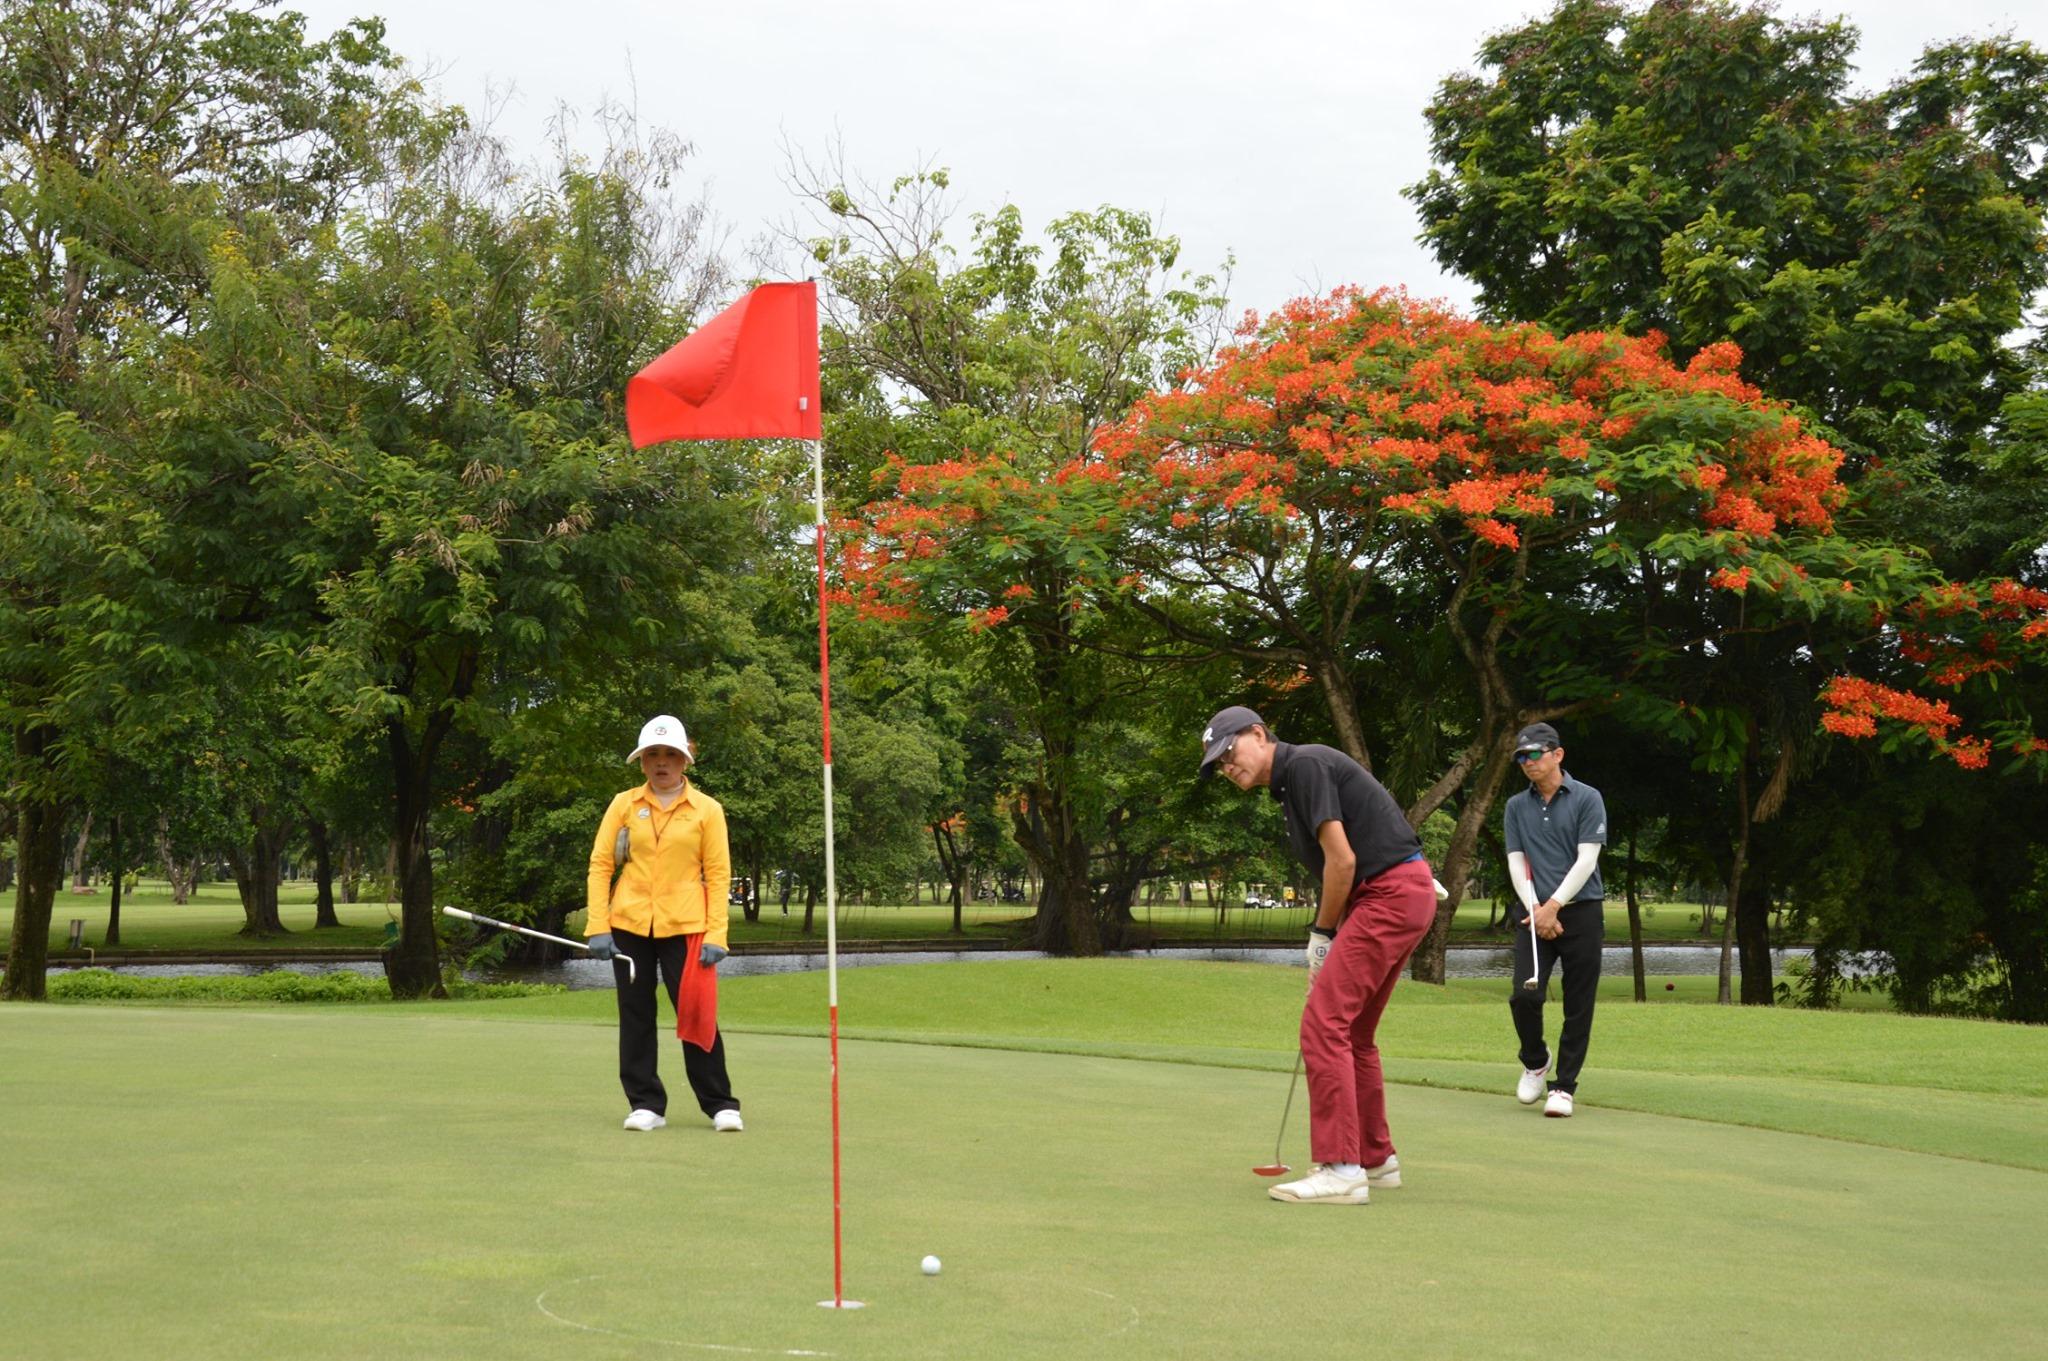 วิศวกรรมสถานแห่งประเทศไทย ในพระบรมราชูปถัมภ์ (วสท.) จัดการแข่งขัน EIT Golf